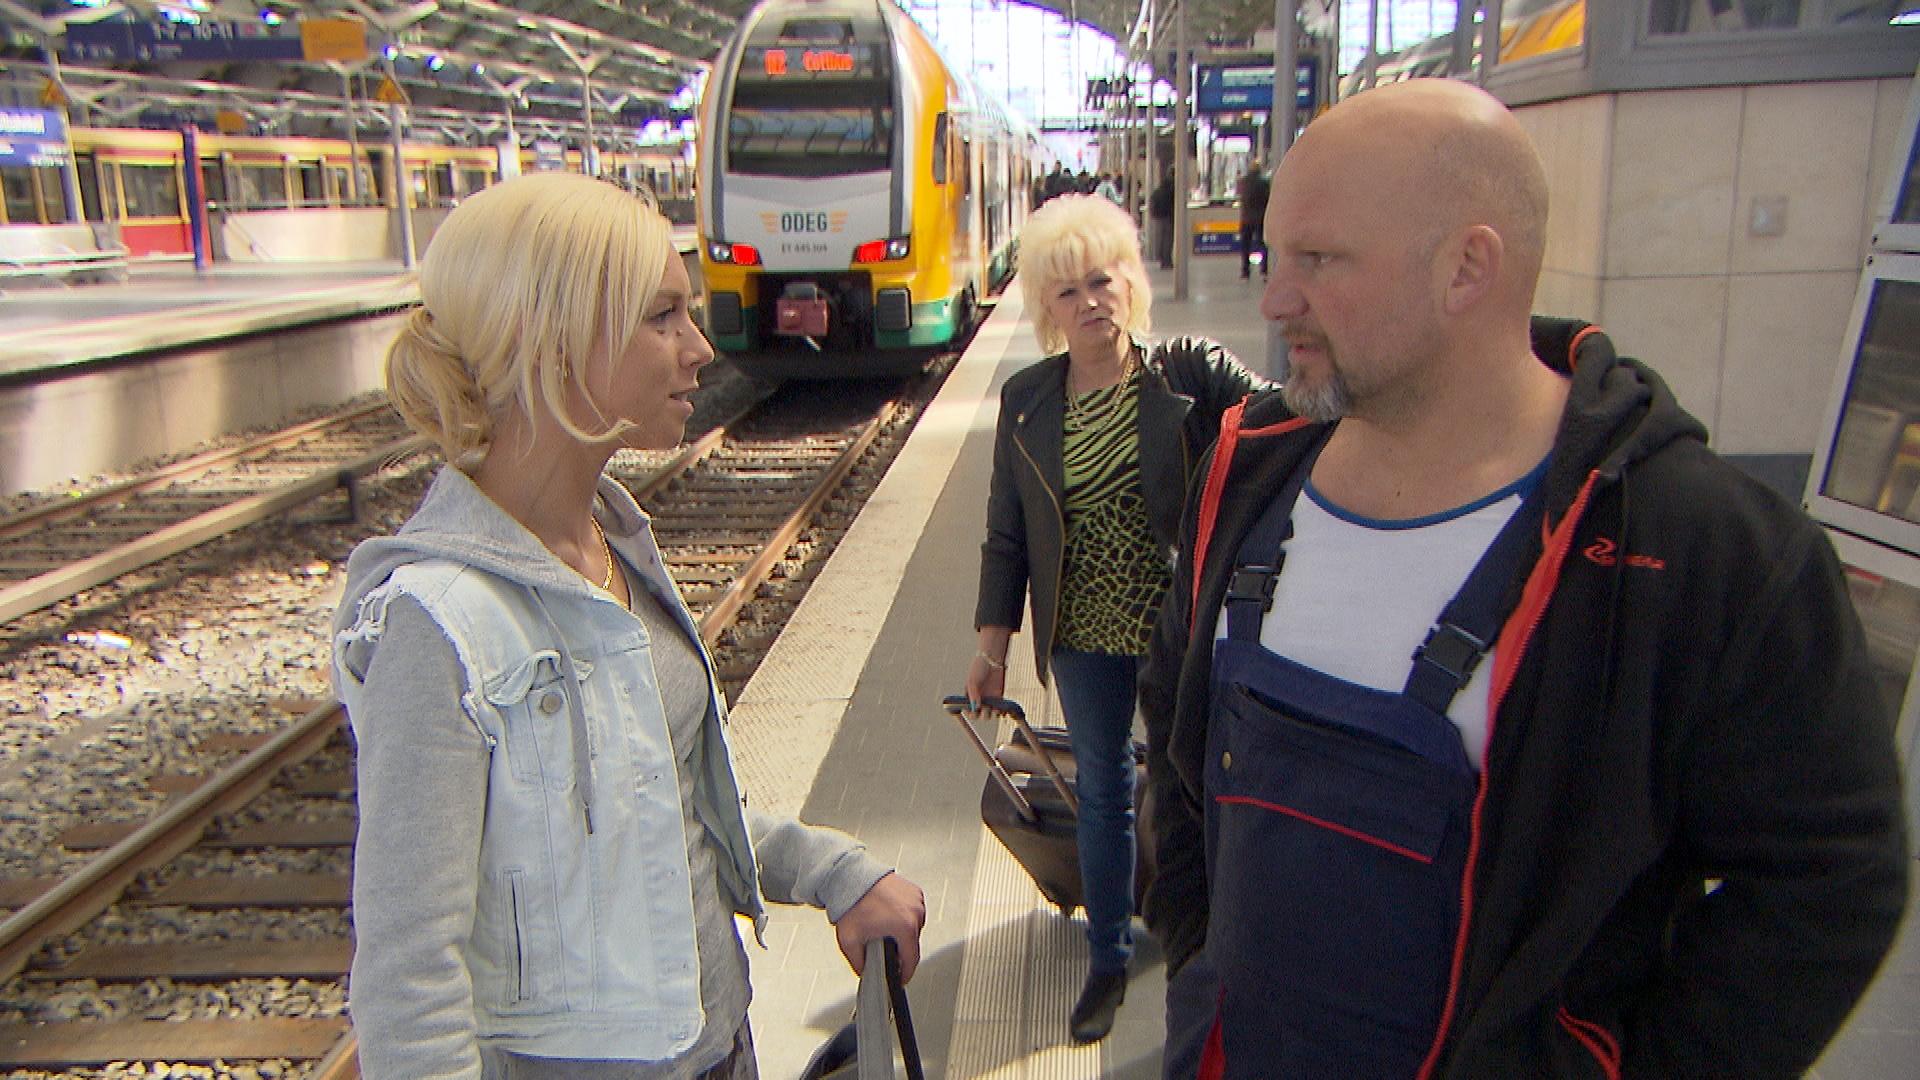 Nachdem Joe,re., aus Barcelona zurück ist, geht ihm Peggy,li., nicht aus dem Kopf. Inge im Hintergrund (Quelle: RTL 2)